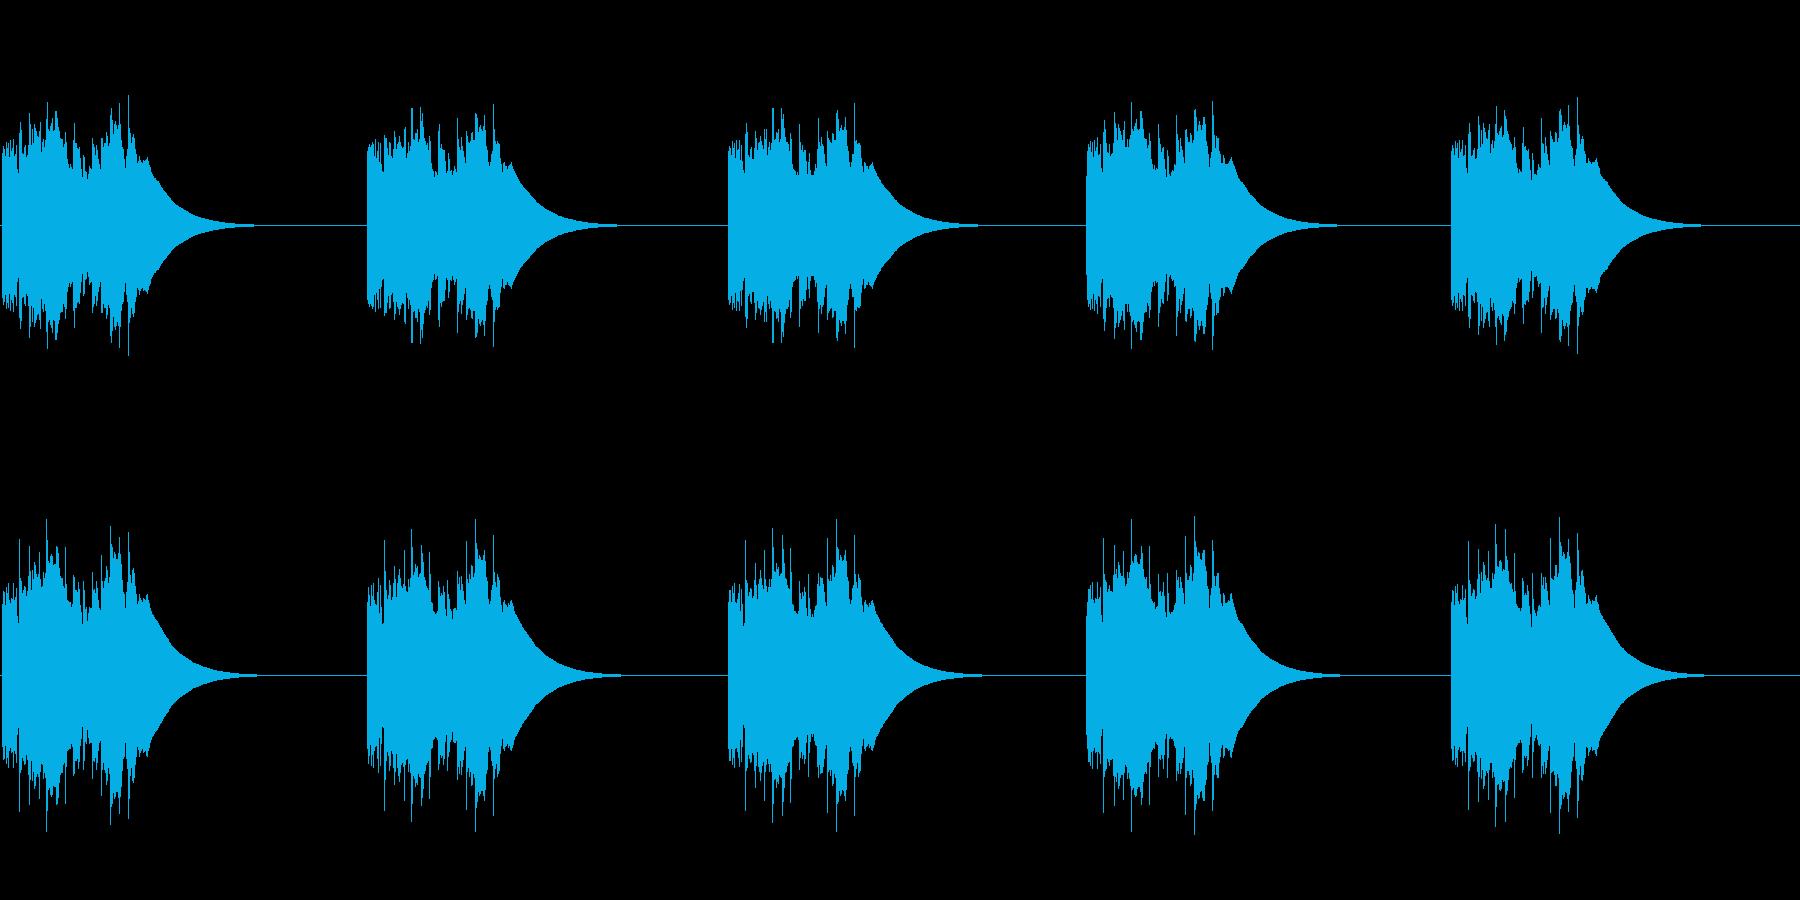 ファンタジー世界にあるような電話 ループの再生済みの波形